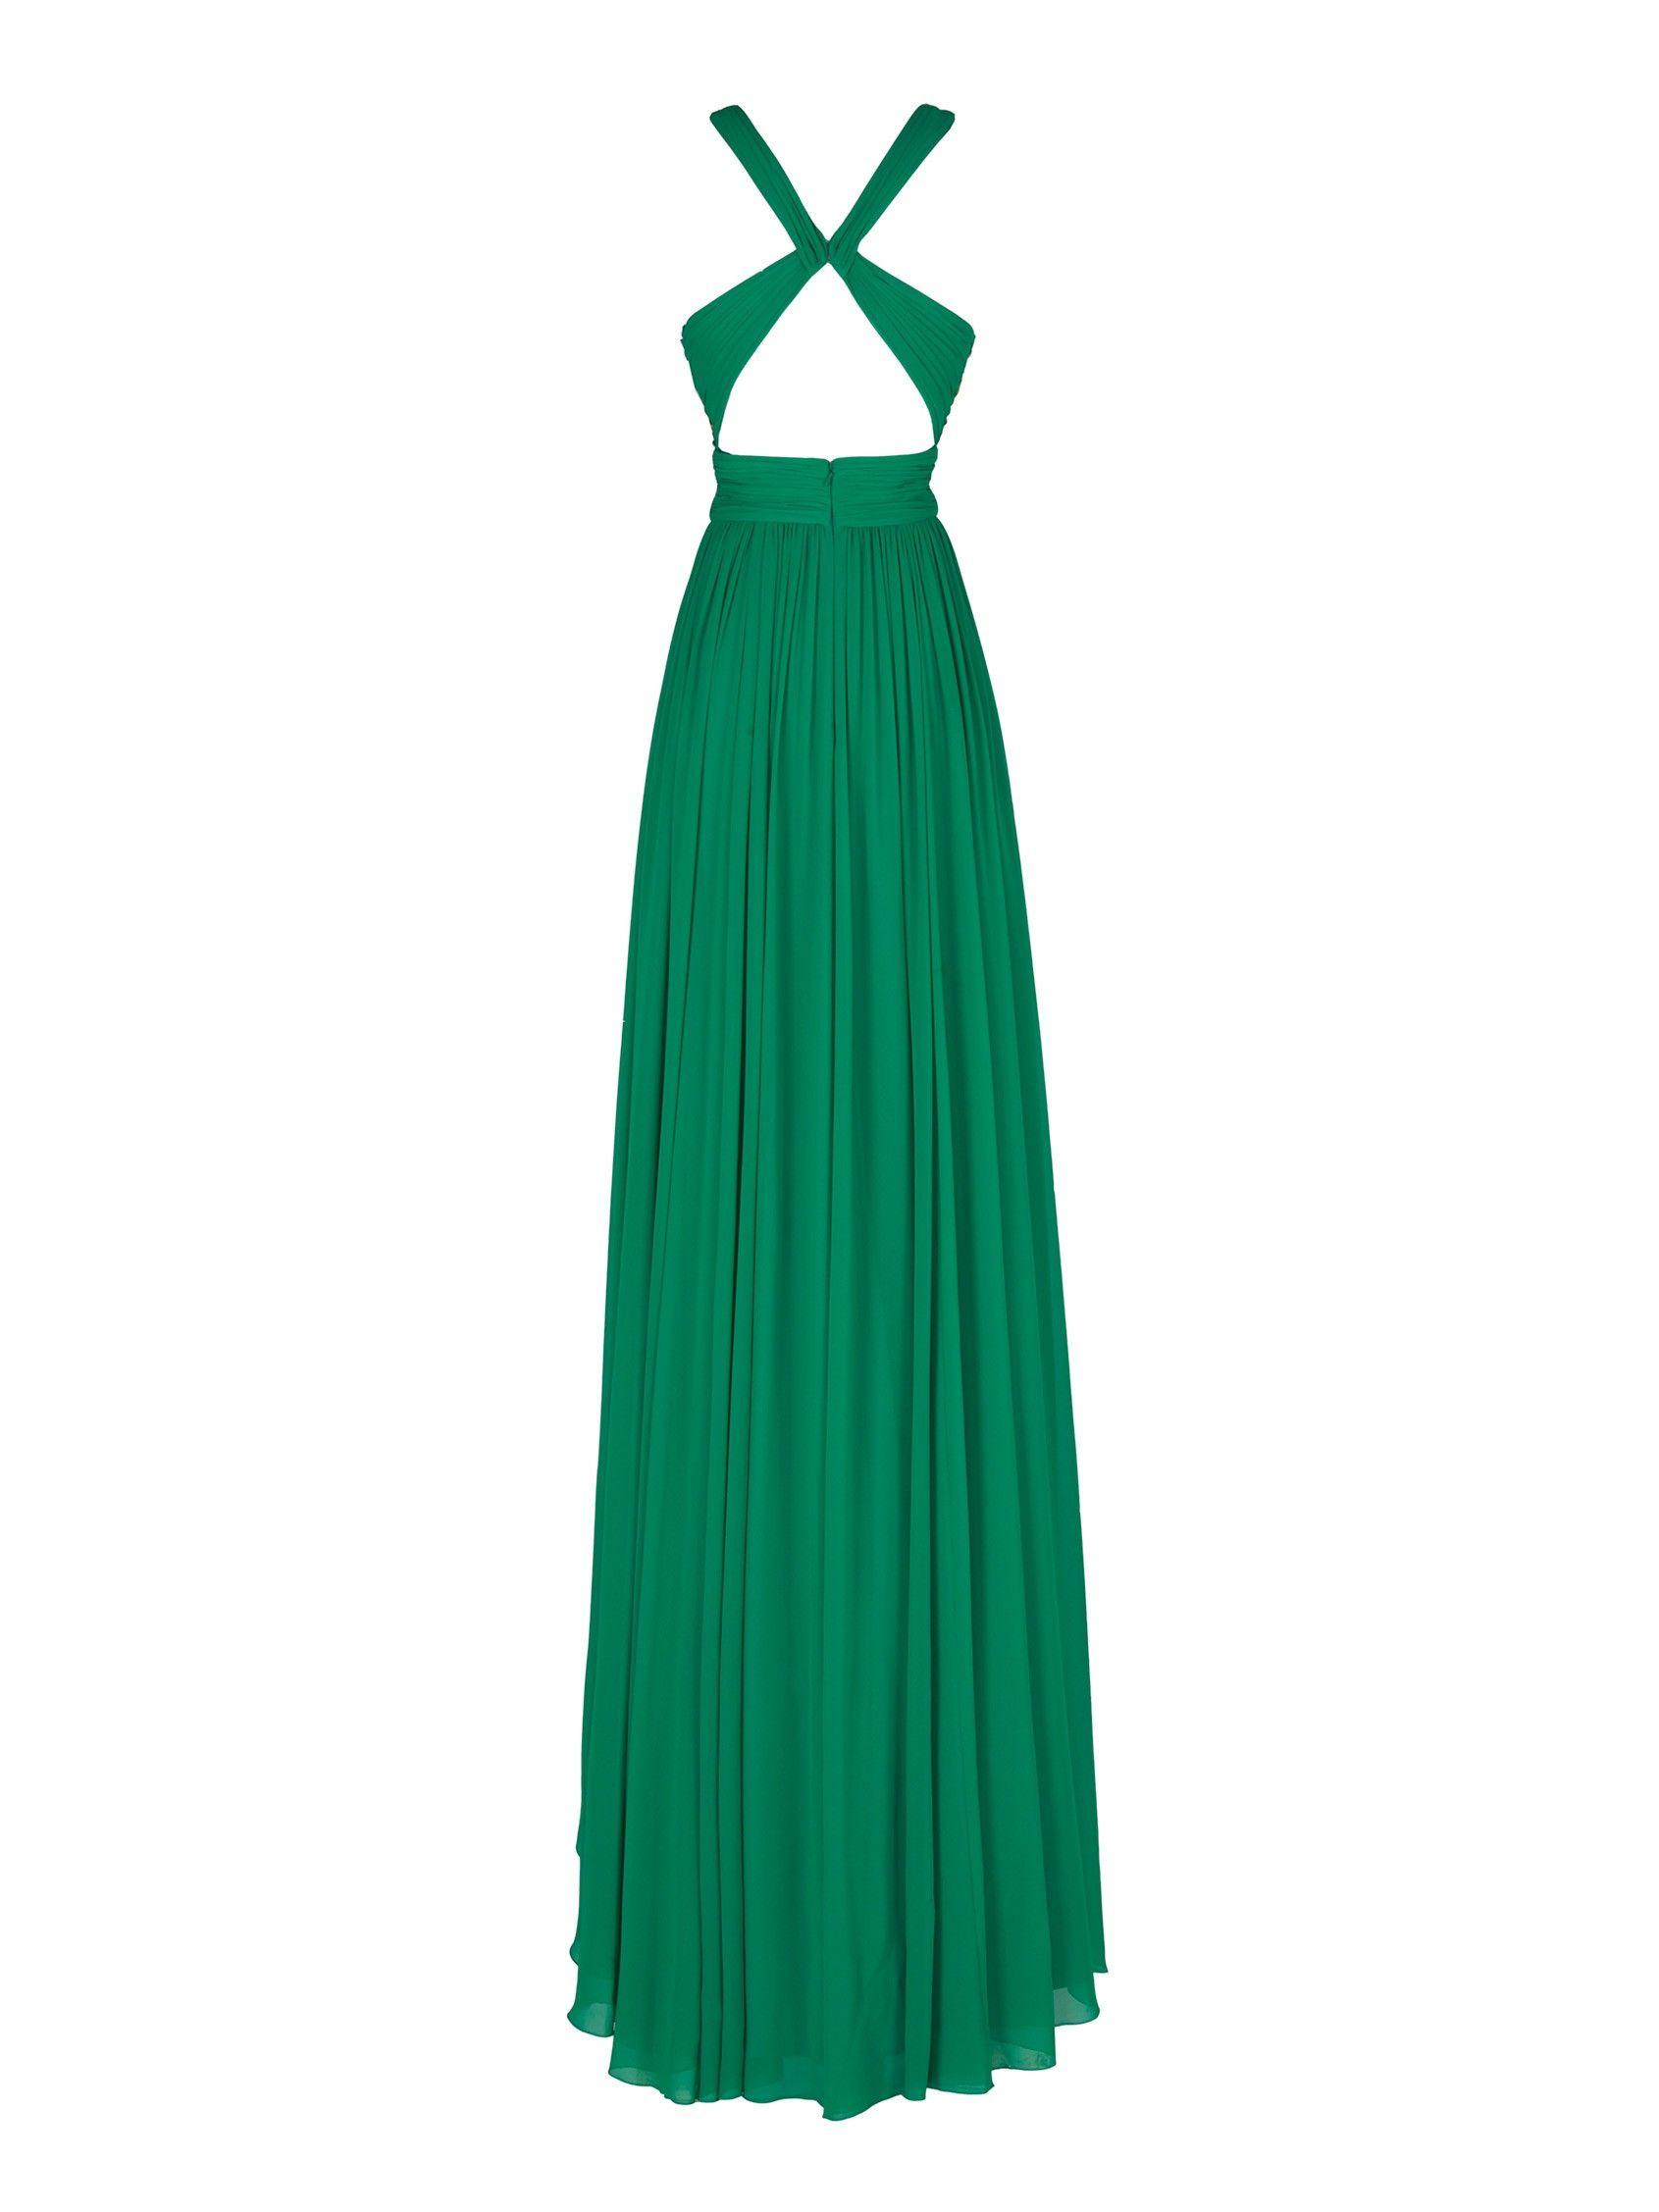 Griega - Vestido tul bordado multicolor espalda cruzada gasa ...